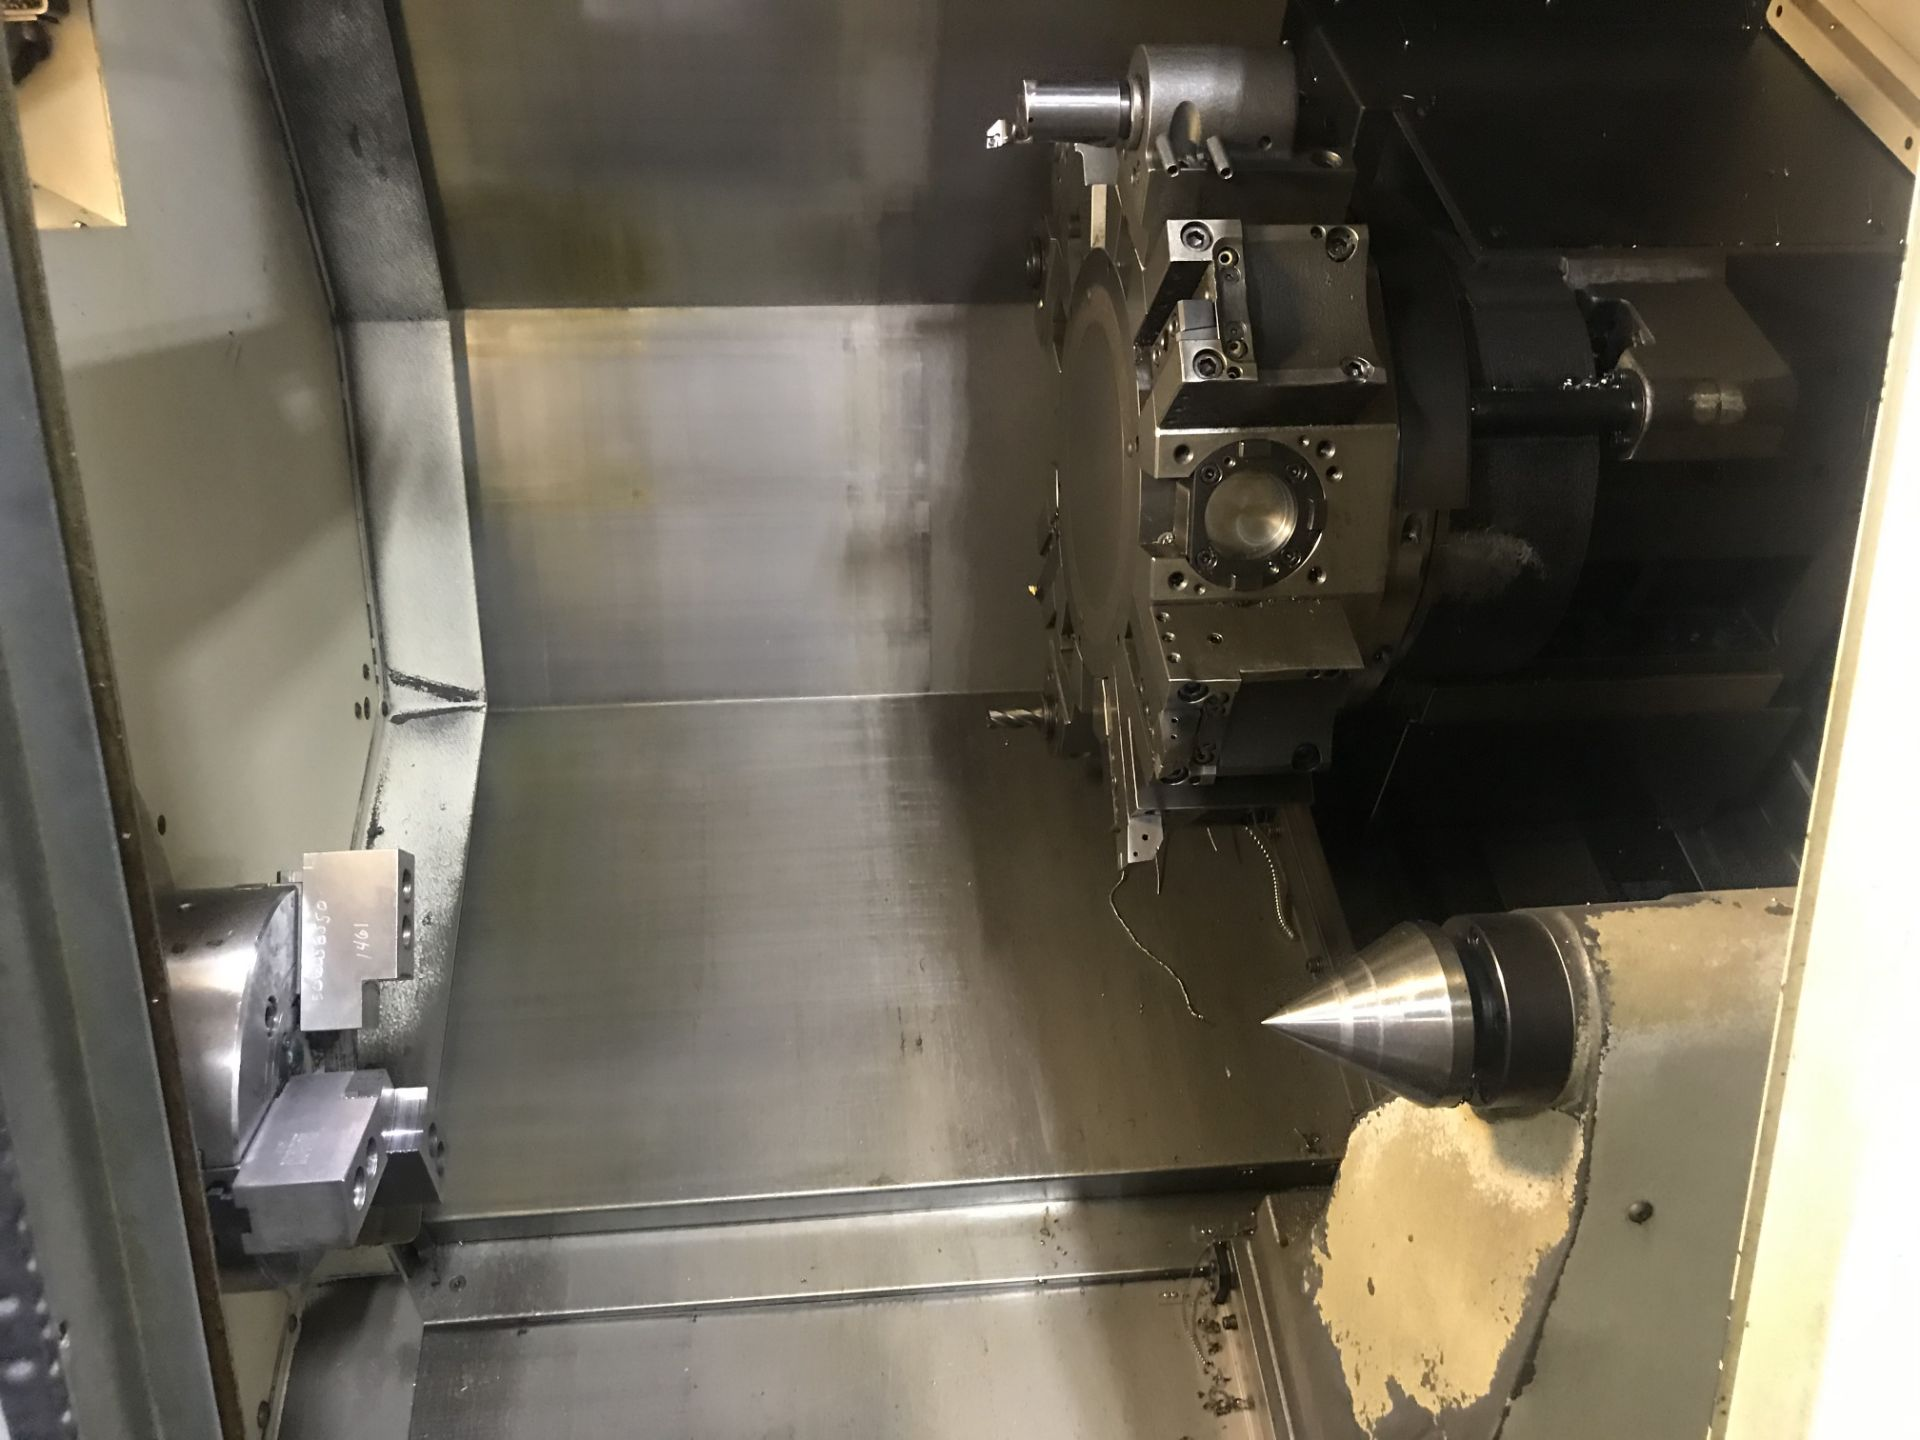 2006 Mori Seiki NL2500/700 CNC Turning Center - Image 11 of 12